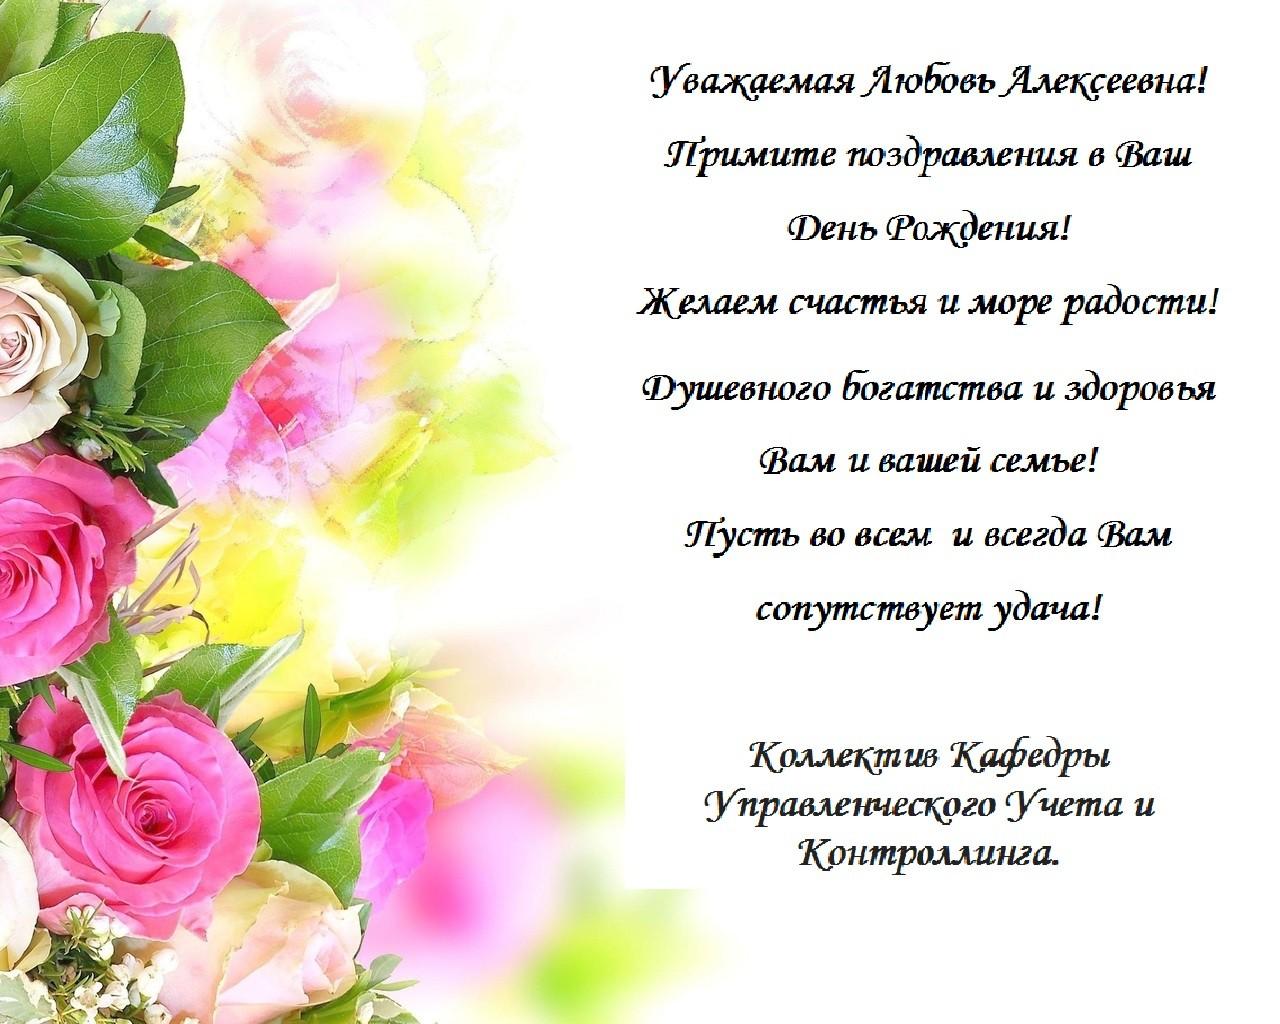 Поздравление женщине руководителю на день рождение